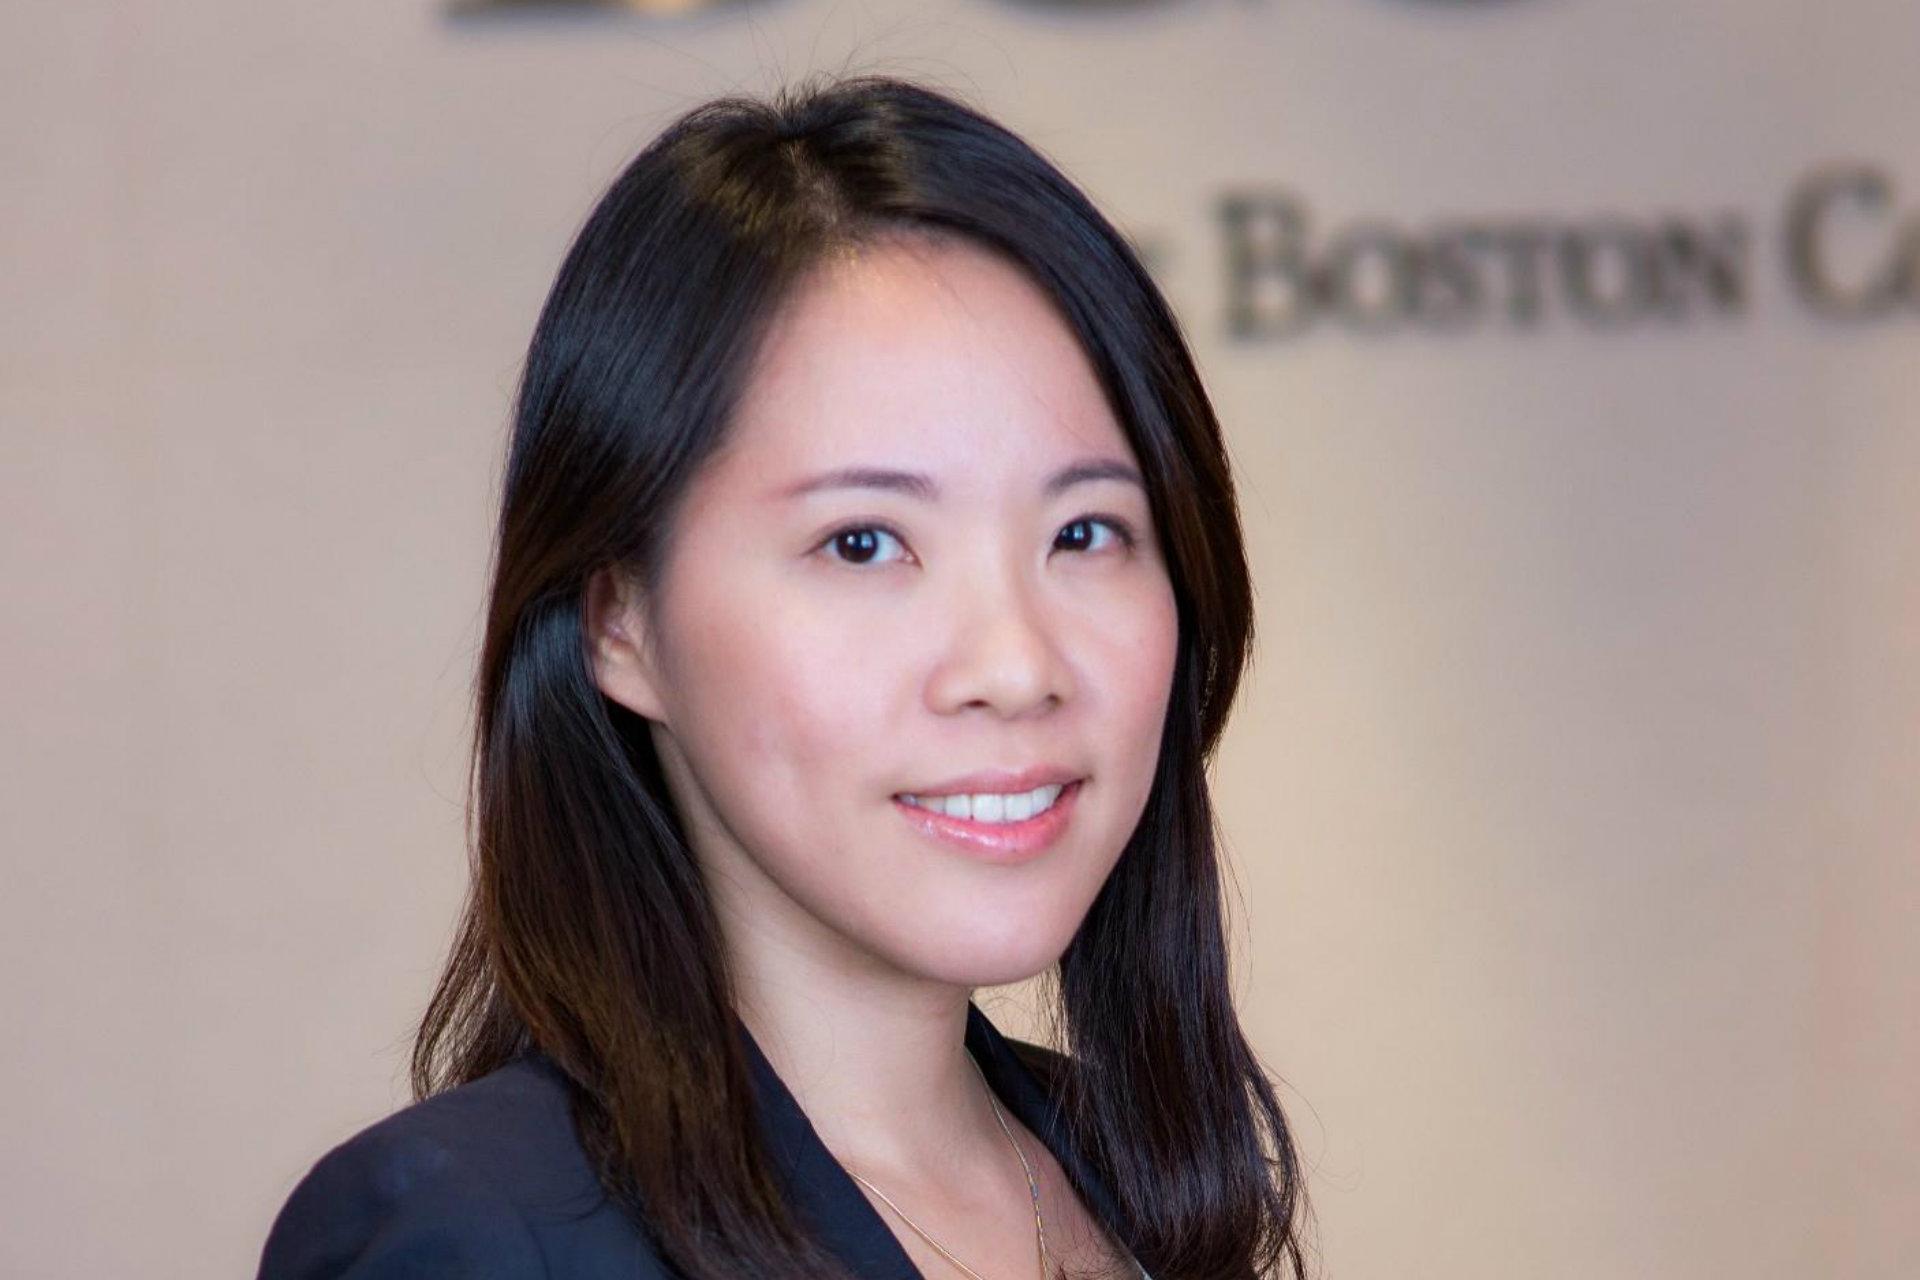 【語音專訪顧問業】有邏輯地掌握溝通的密度 –  BCG 台北辦公室 Ivy Wu